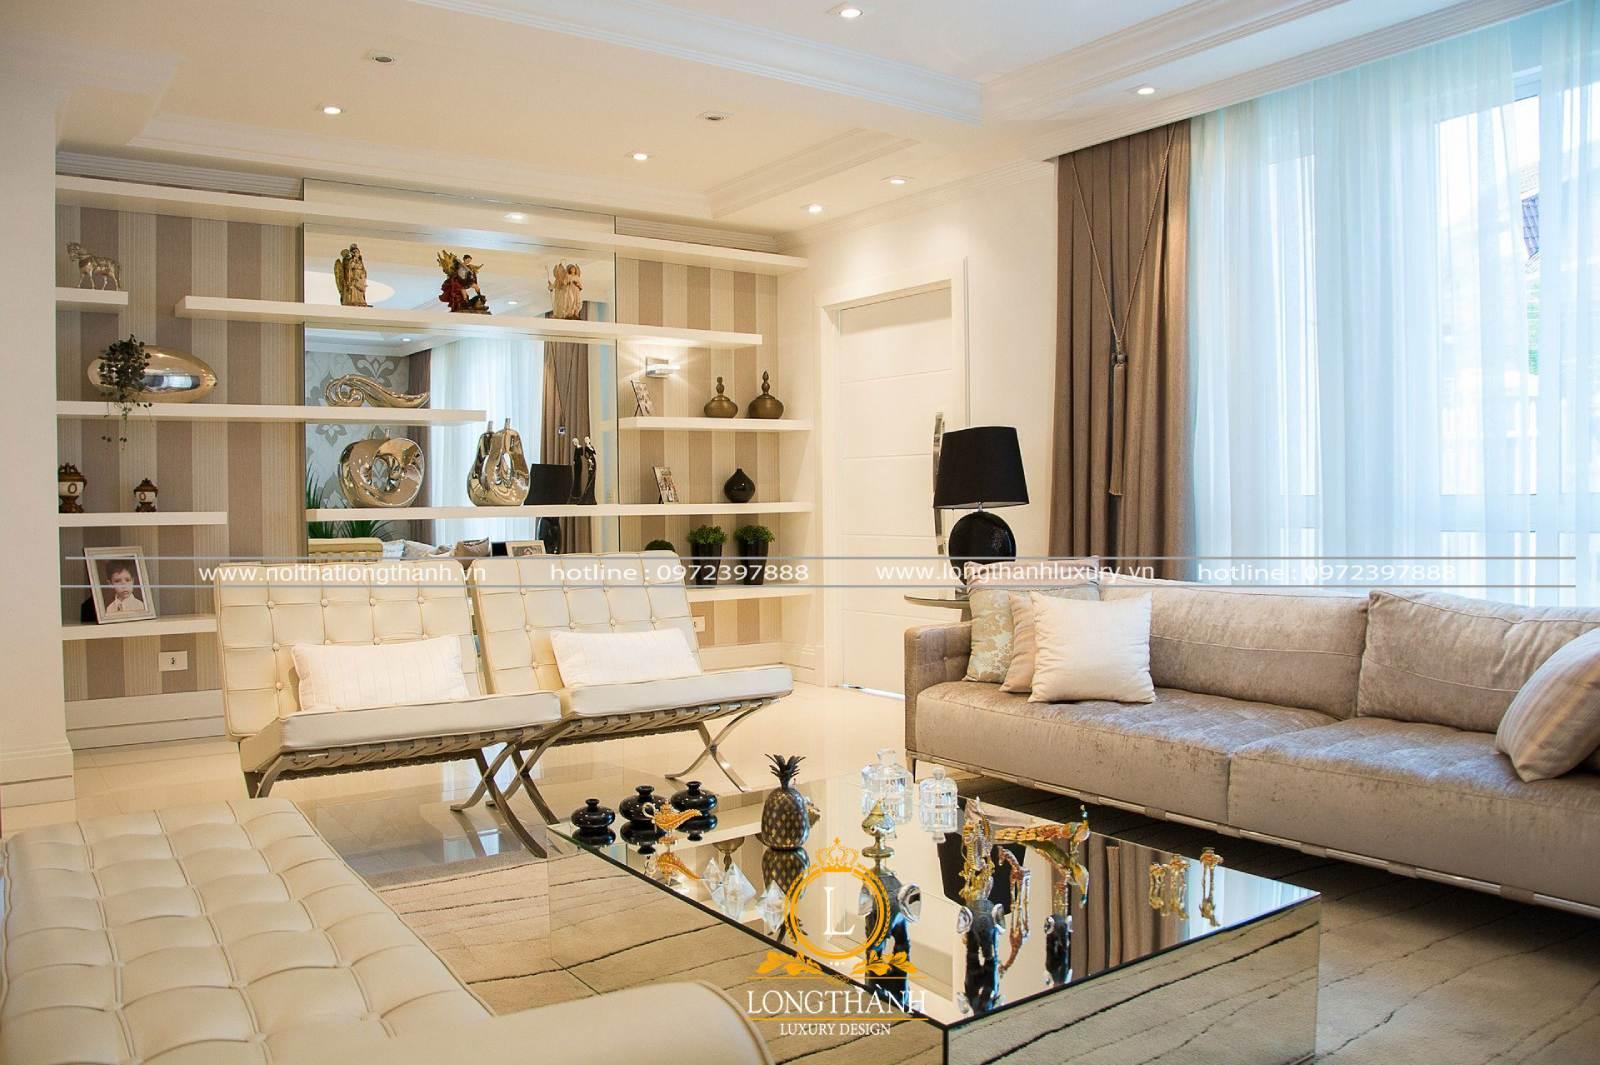 Lựa chọn bộ sofa chữ u phù hợp với kết cấu và phong cách của phòng khách